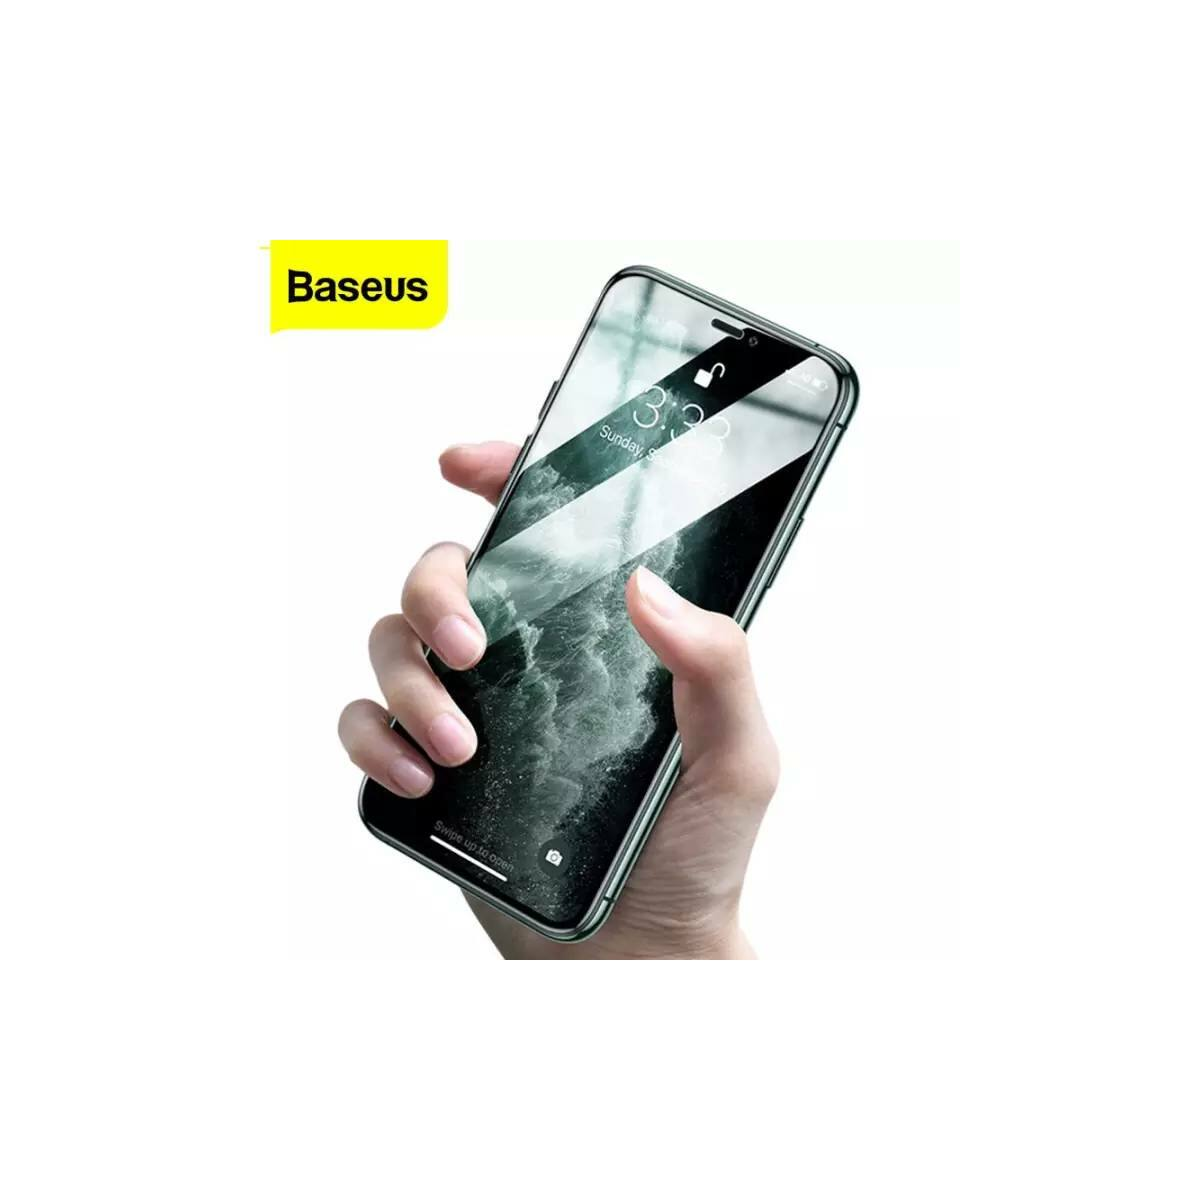 Baseus iPhone 11 Pro Max 0.3mm, teljes felületre, lekerekített, ívelt edzett üveg, szem kímélő felület (2db+keret), fekete (SGAPIPH65S-IA01)